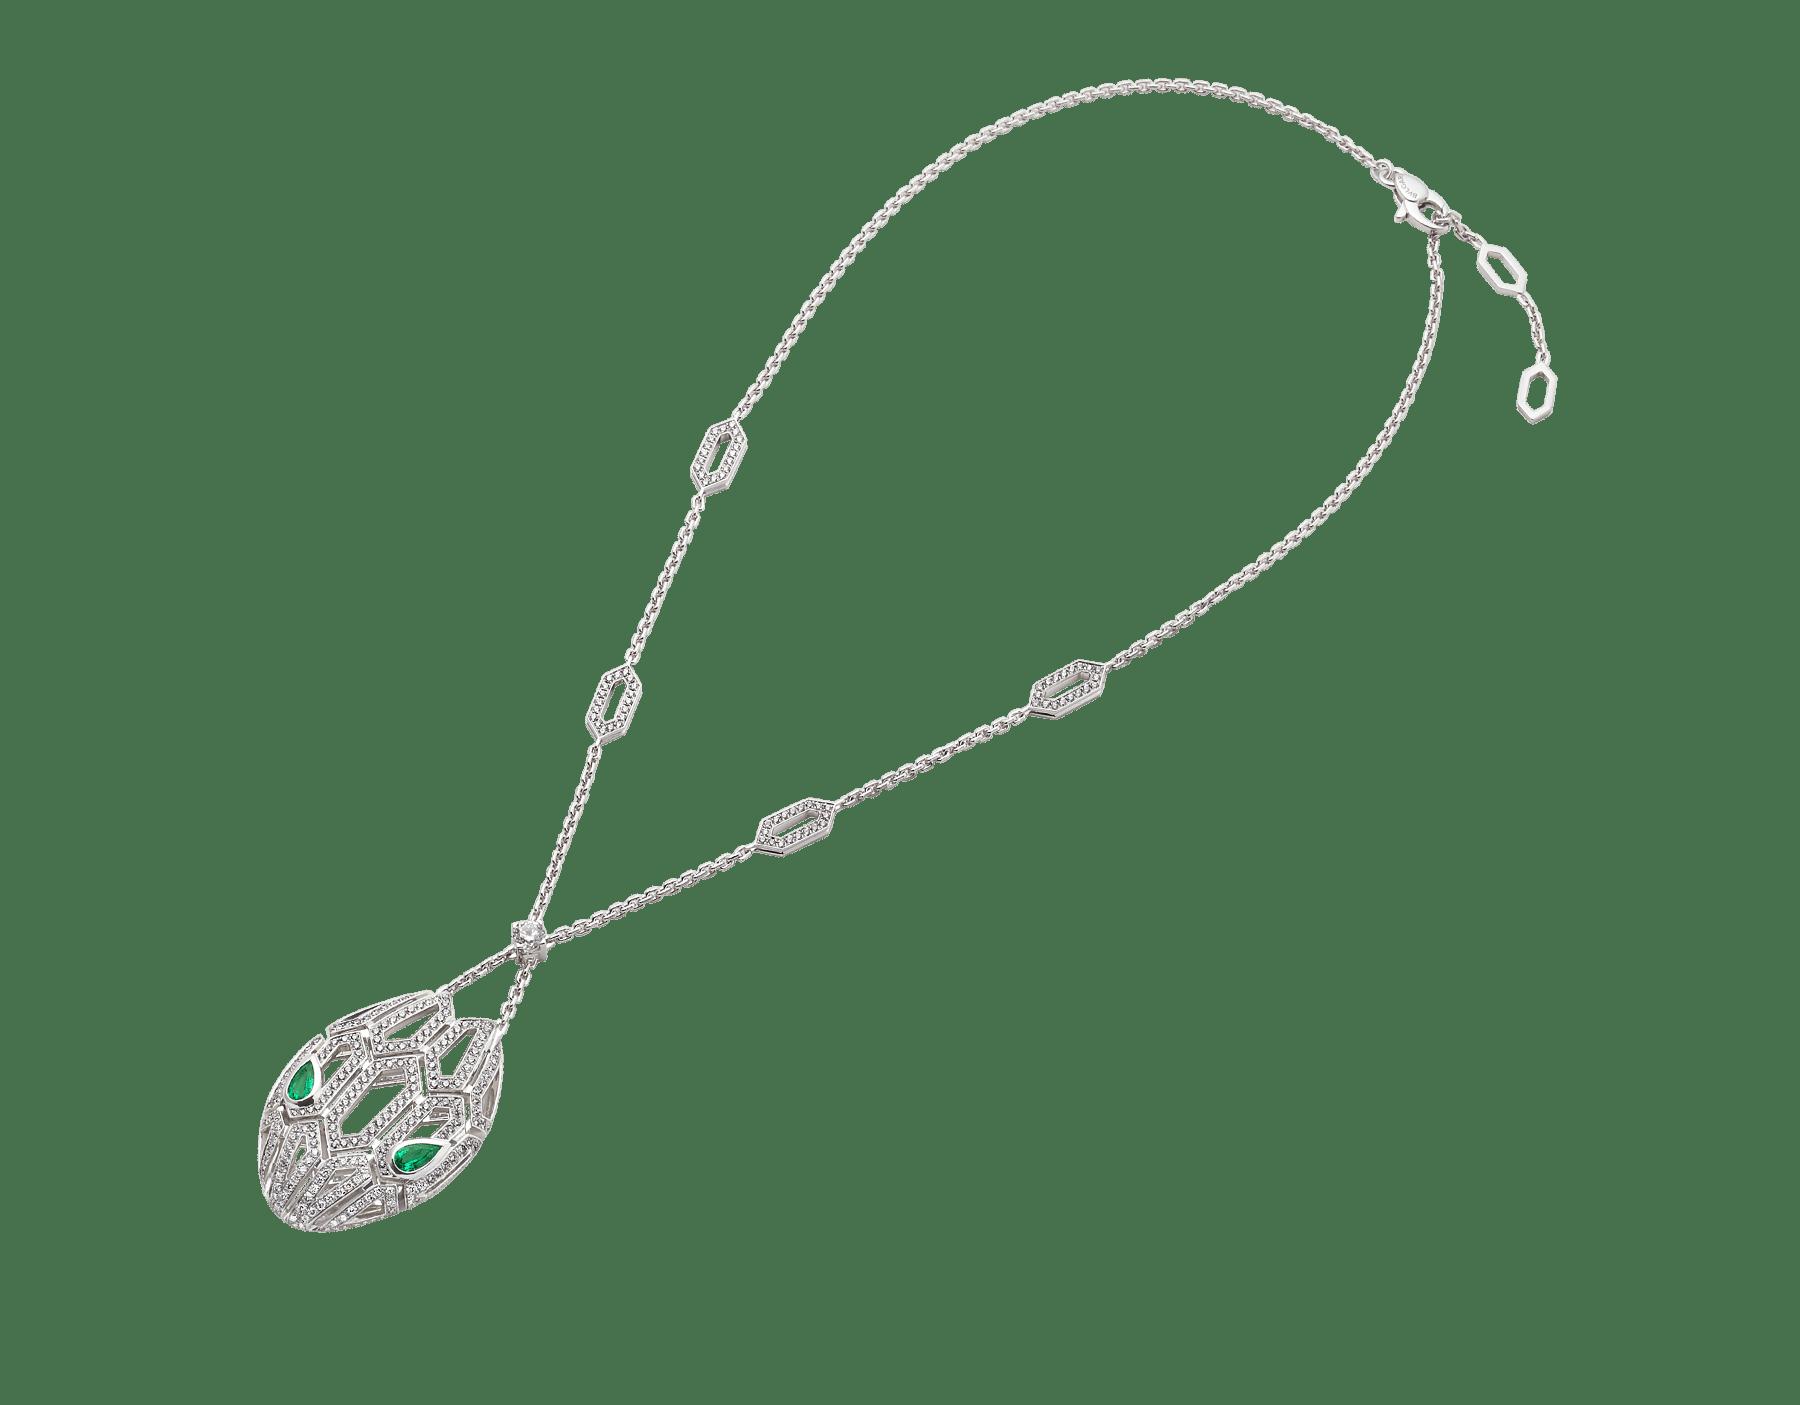 El collar Serpenti, cuyas escamas de serpiente están embellecidas con un encantador motivo hexagonal con pavé de diamantes, brilla con el deseo y el irresistible magnetismo de sus ojos de esmeralda. 352752 image 2